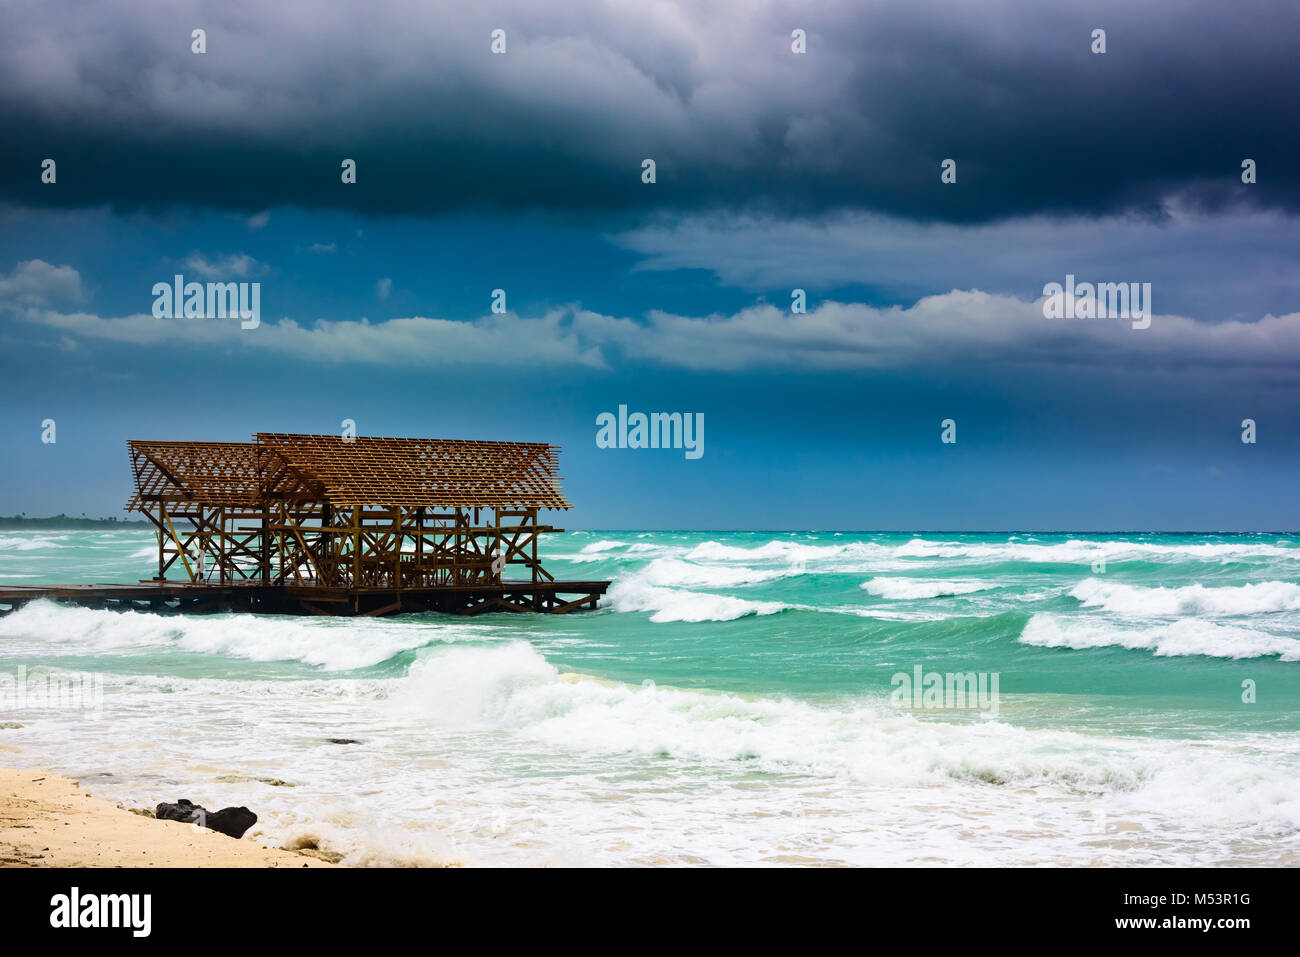 Meer Gewitter wolke Hurrikan irma Stockbild